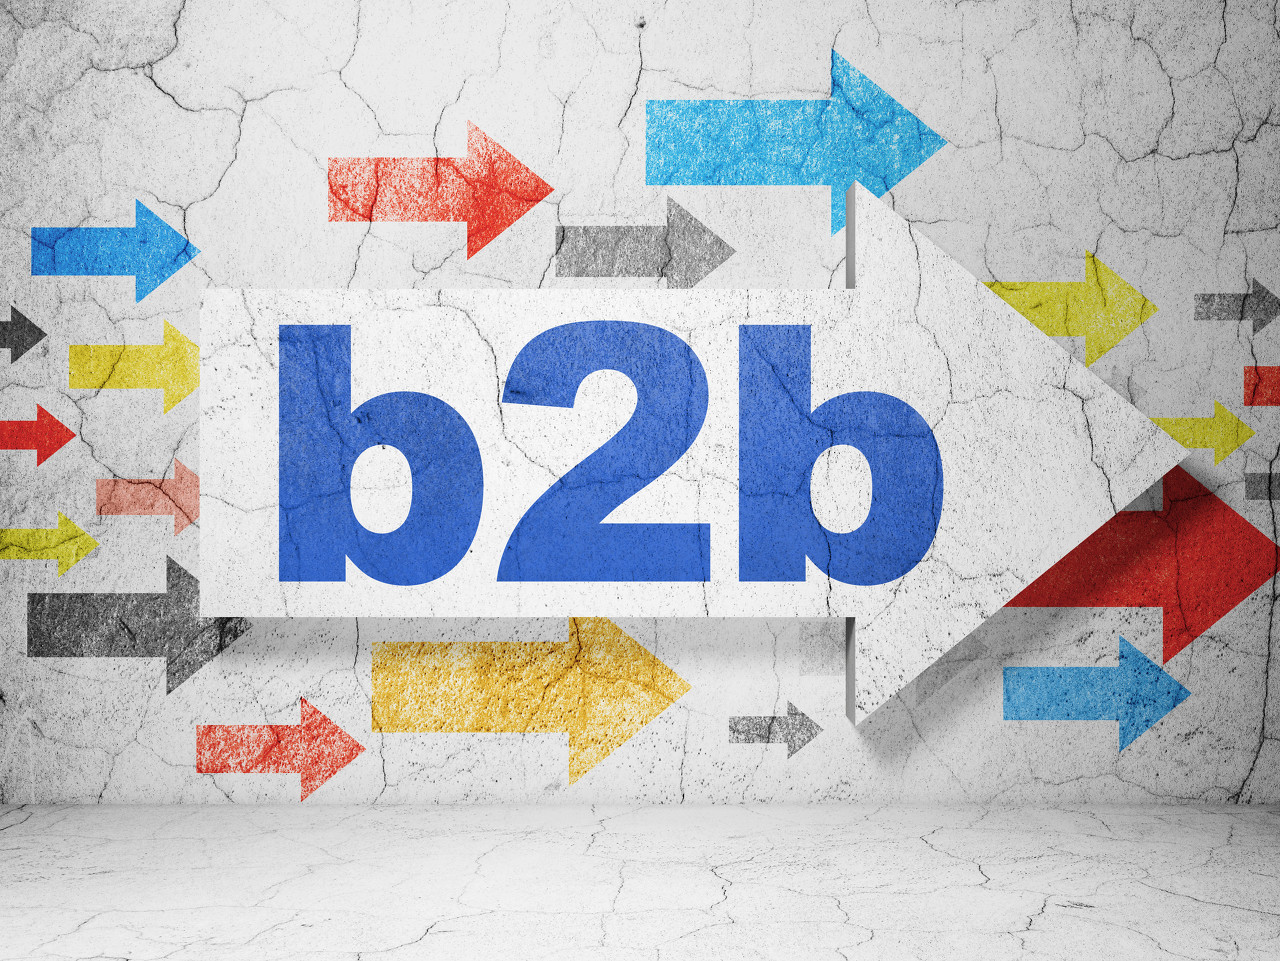 大浪淘沙!B2B行业迎来黄金发展期,如何抢占先机?